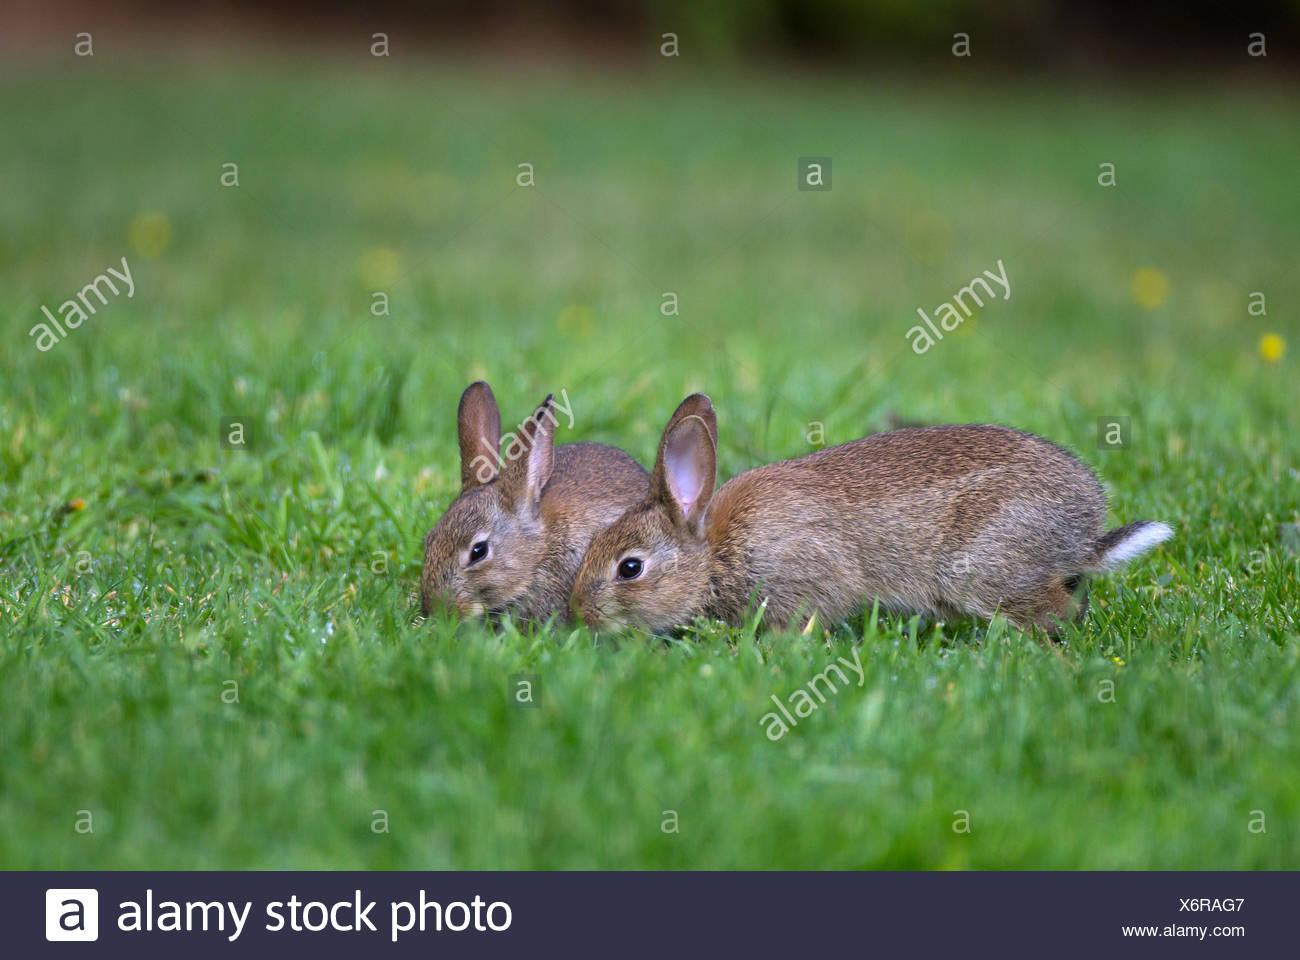 Europäische Kaninchen oder gemeinsame Kaninchen (Oryctolagus Cunniculus), zwei junge Fütterung auf eine Wiese im Garten, Norfolk, Großbritannien Stockfoto